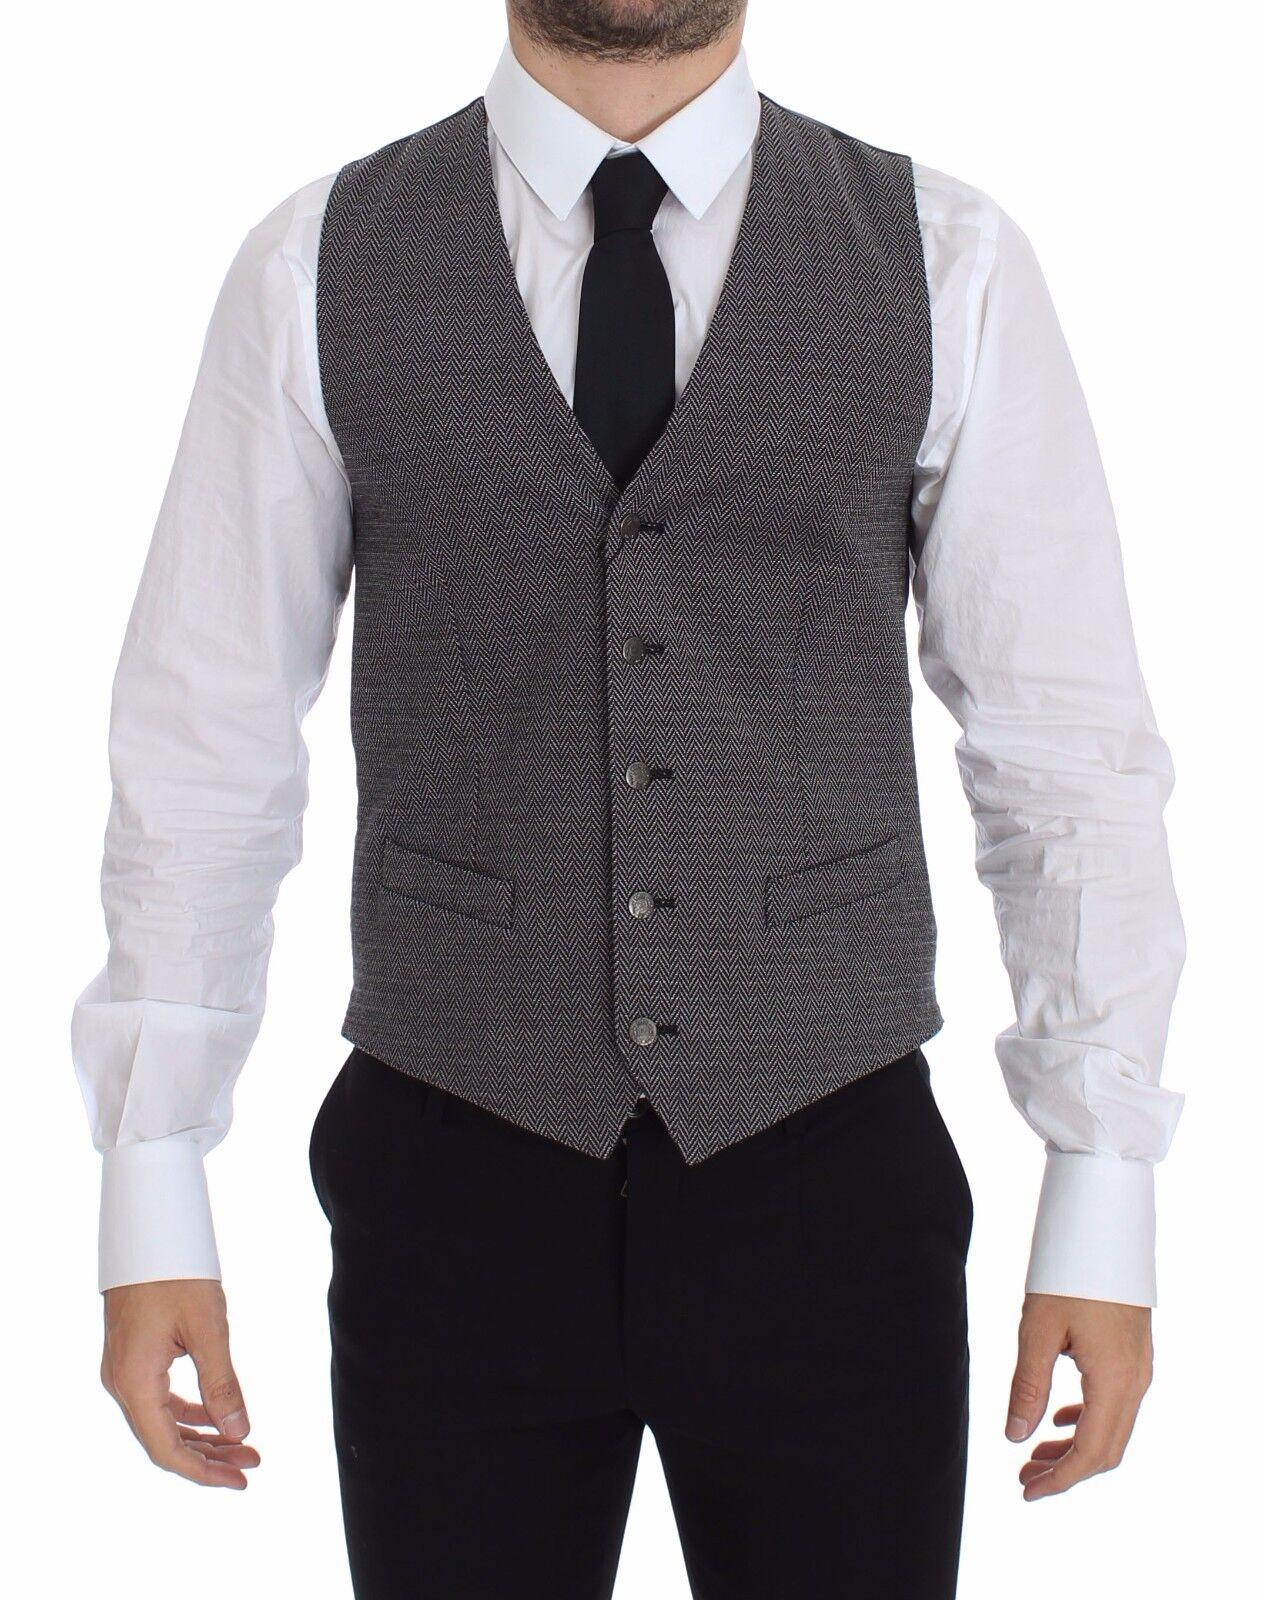 NEW 440 DOLCE & GABBANA Vest Waistcoat grau Cotton Stretch Dress IT46 /US36 / S